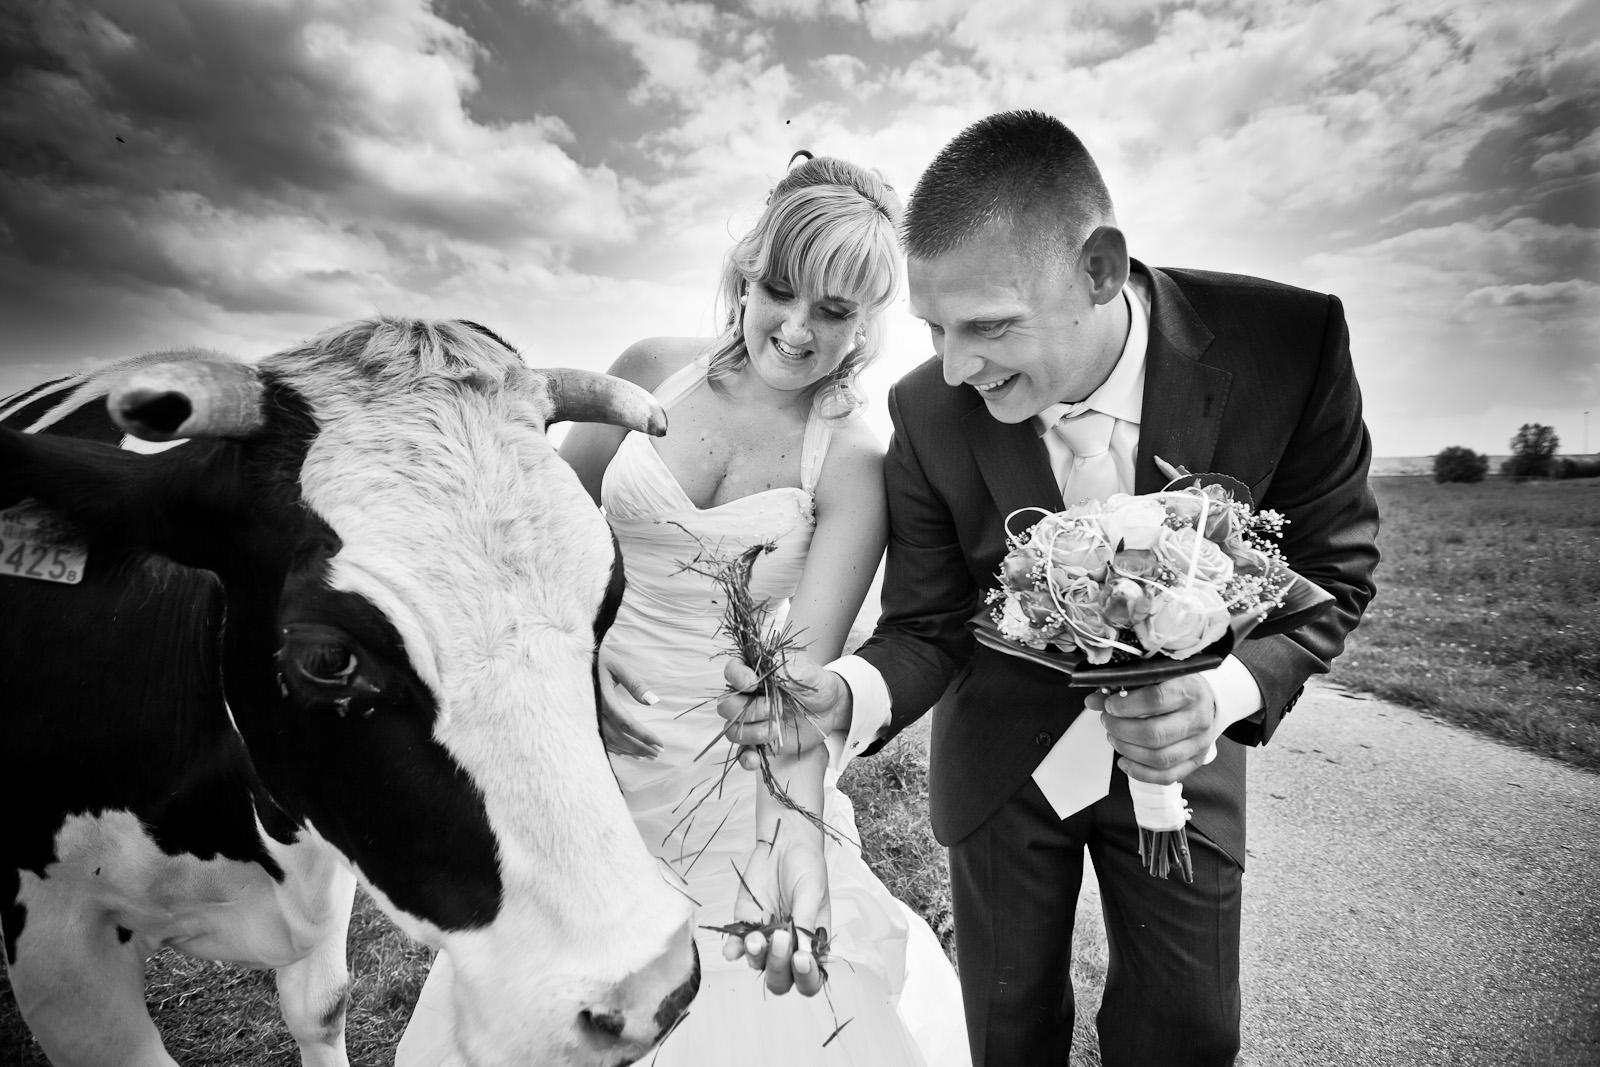 trouwshoot-bruidsfotografie-trouwfoto-feestfotografie-trouwreportage-Alex en Evelyn526.jpg